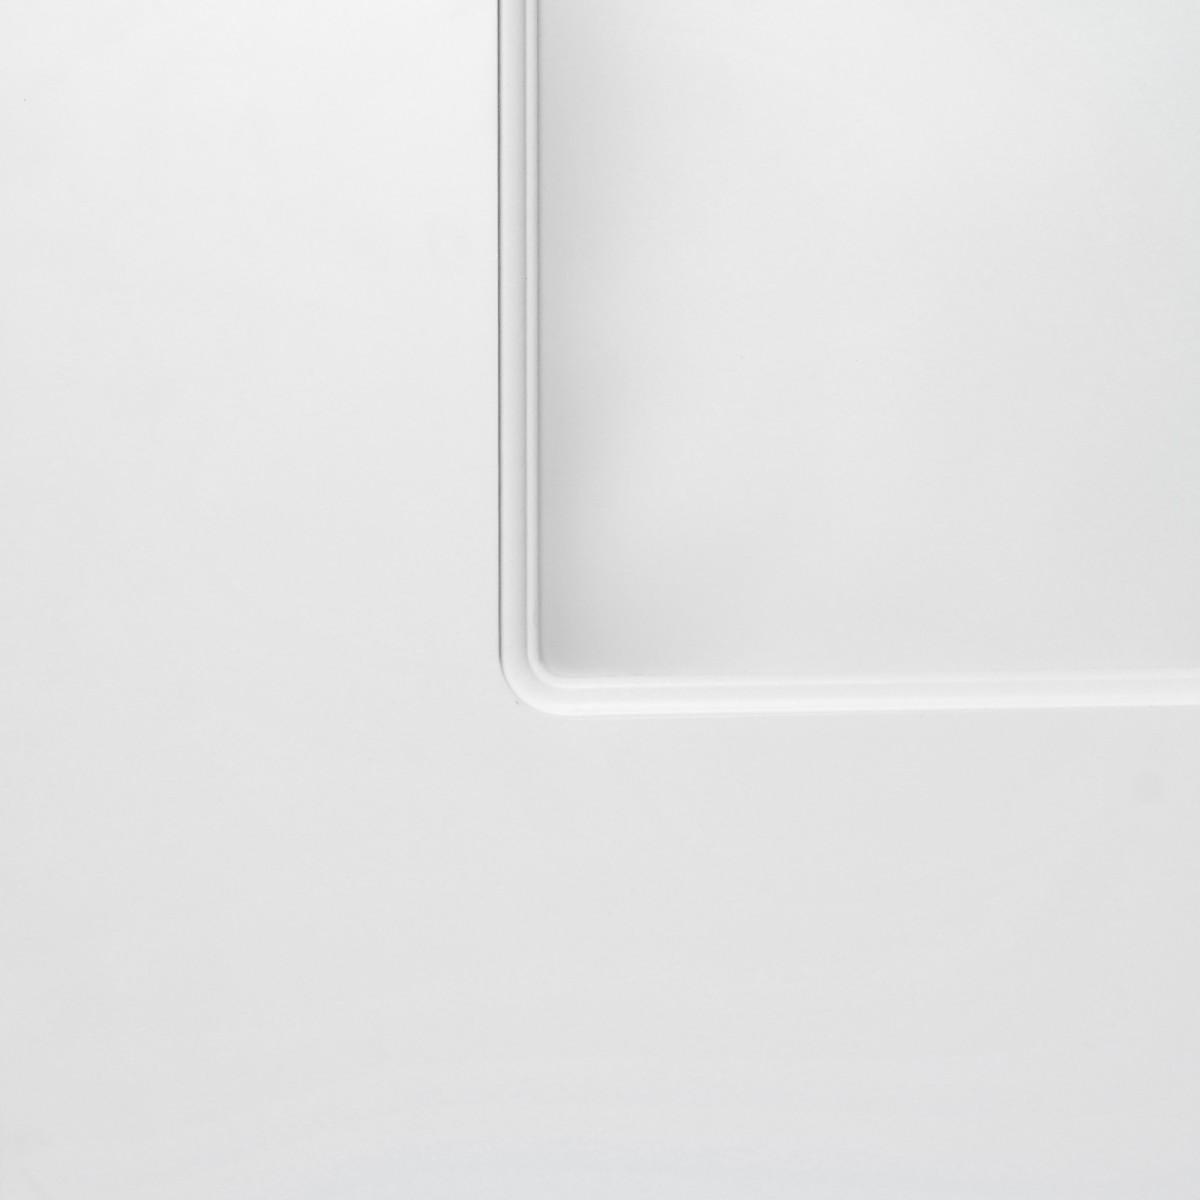 Дверь Межкомнатная Остеклённая Австралия 90x200 Цвет Белый